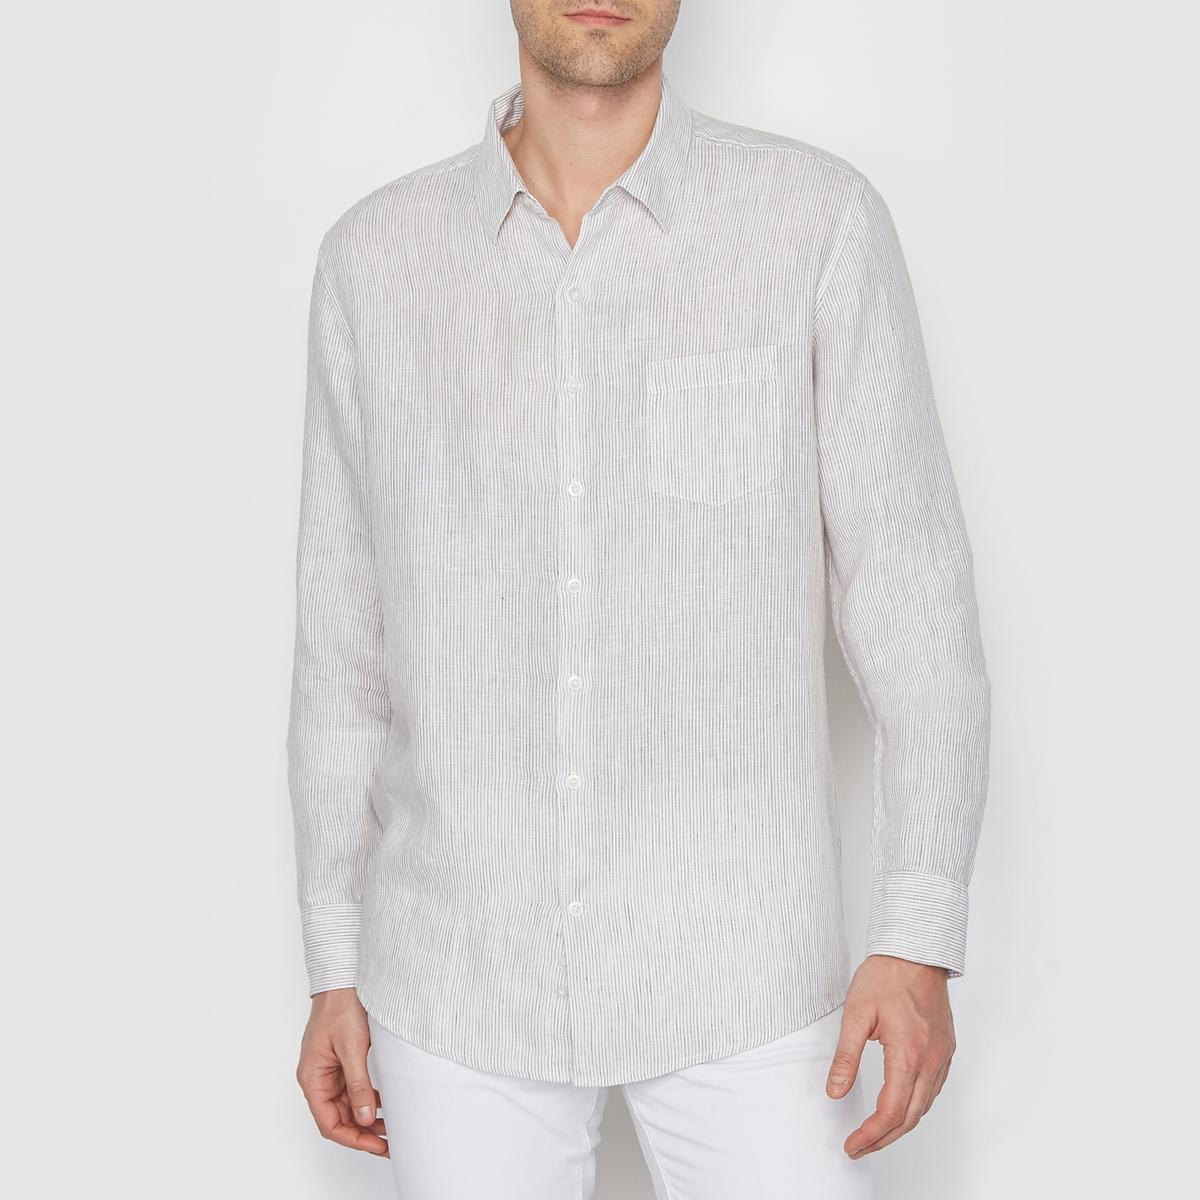 Рубашка в полоску, изо льна, R ESSENTIELСостав и описаниеМатериал: 100% льна. Марка: R ESSENTIEL.<br><br>Цвет: в бело-синюю полоску,в полоску белый/ бежевый